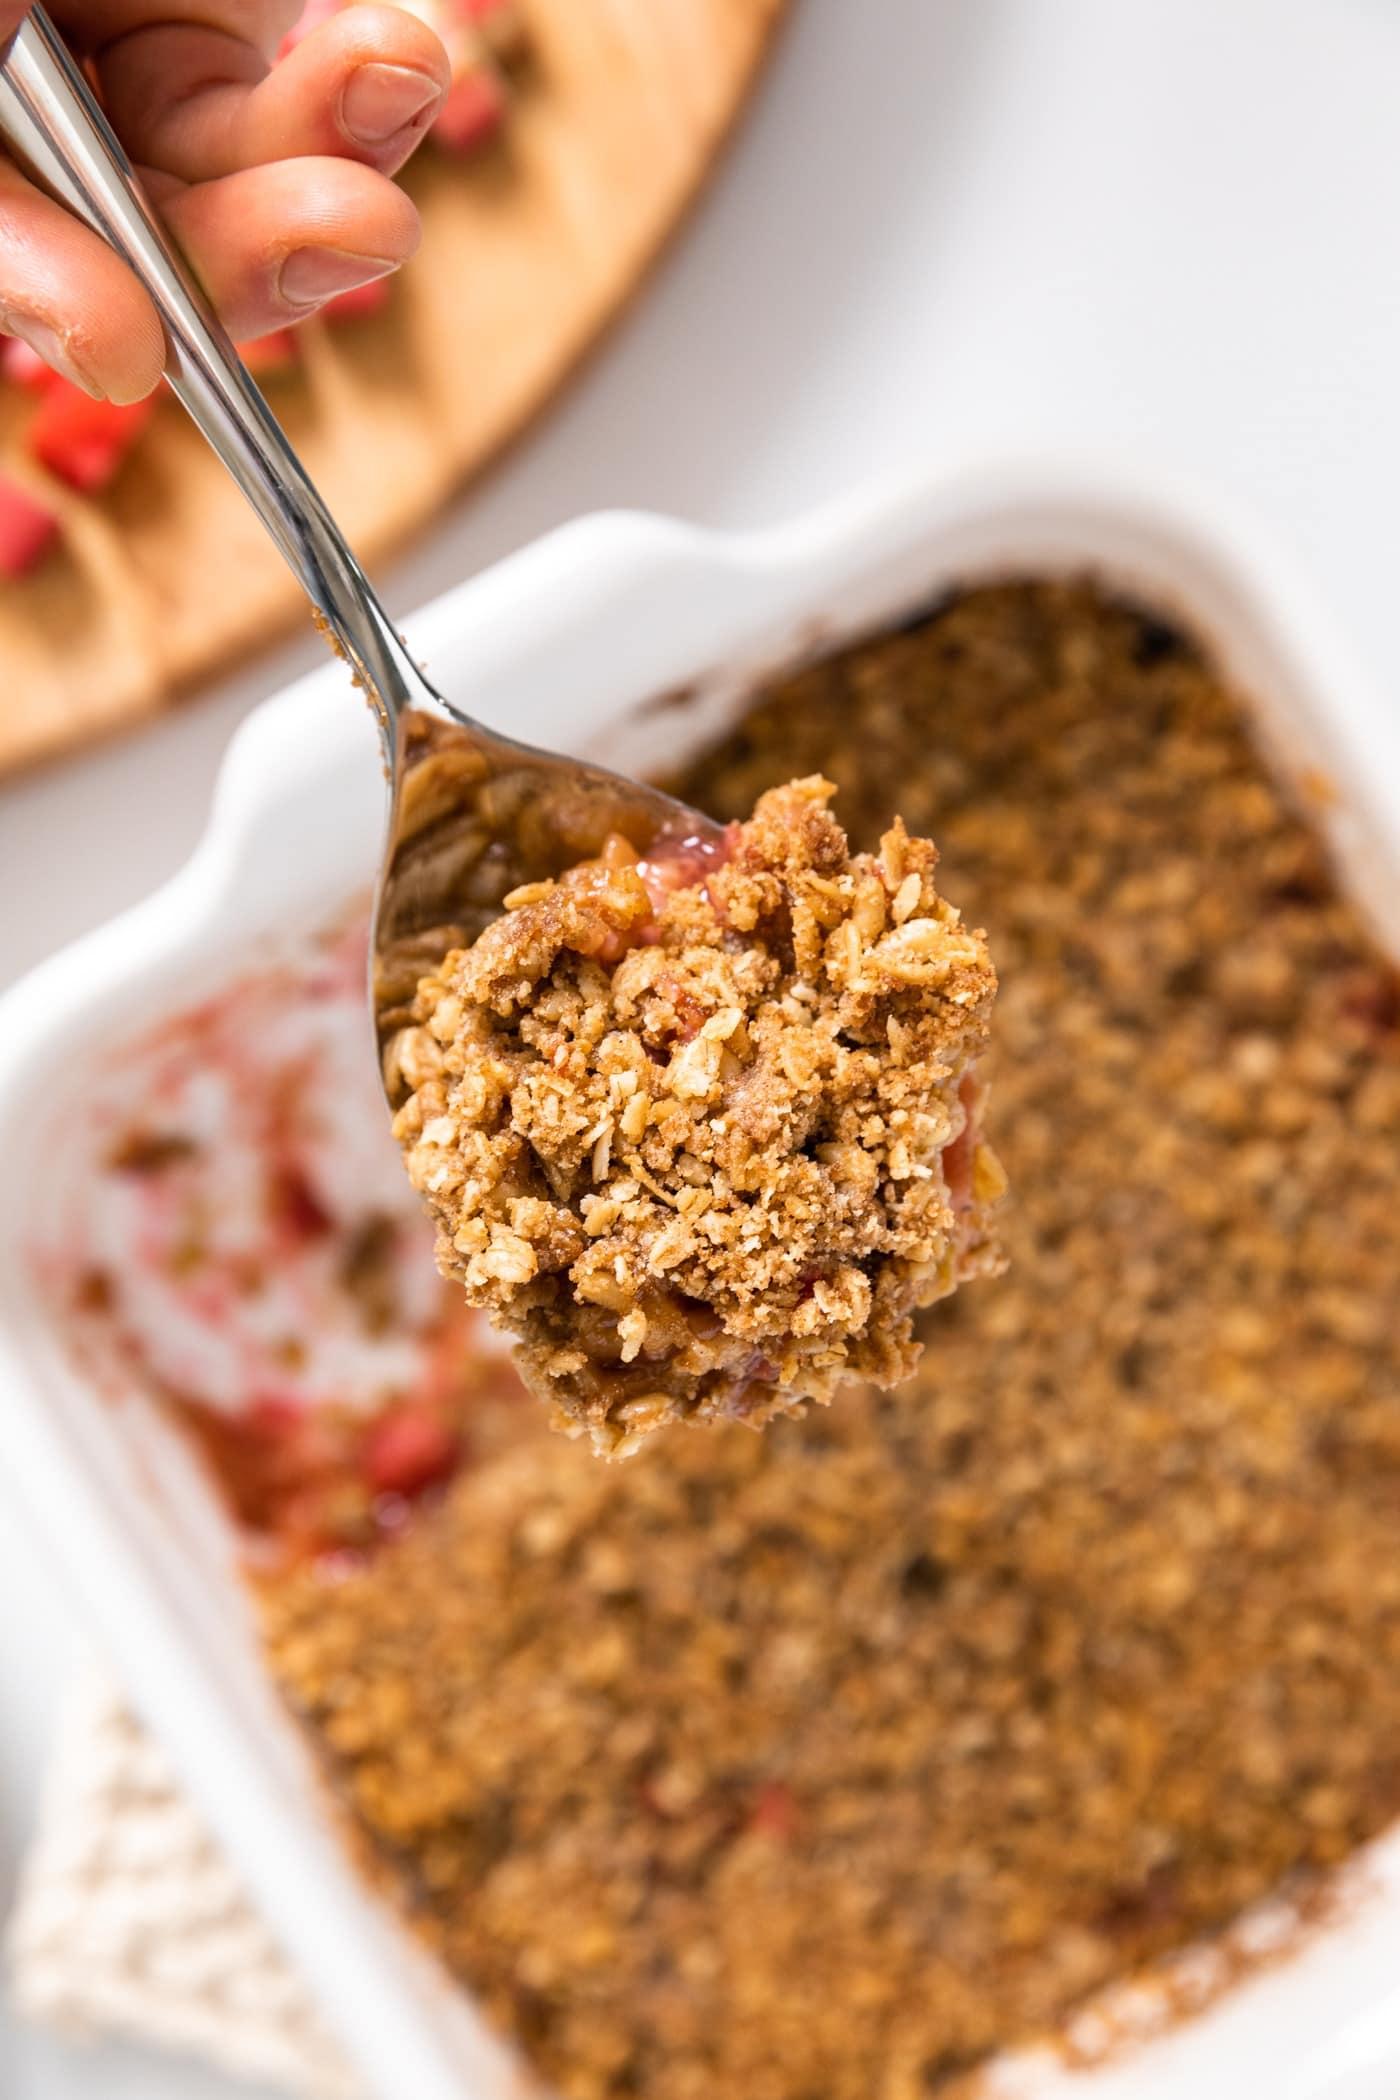 Large spoon holding scoop of rhubarb crisp from pan below